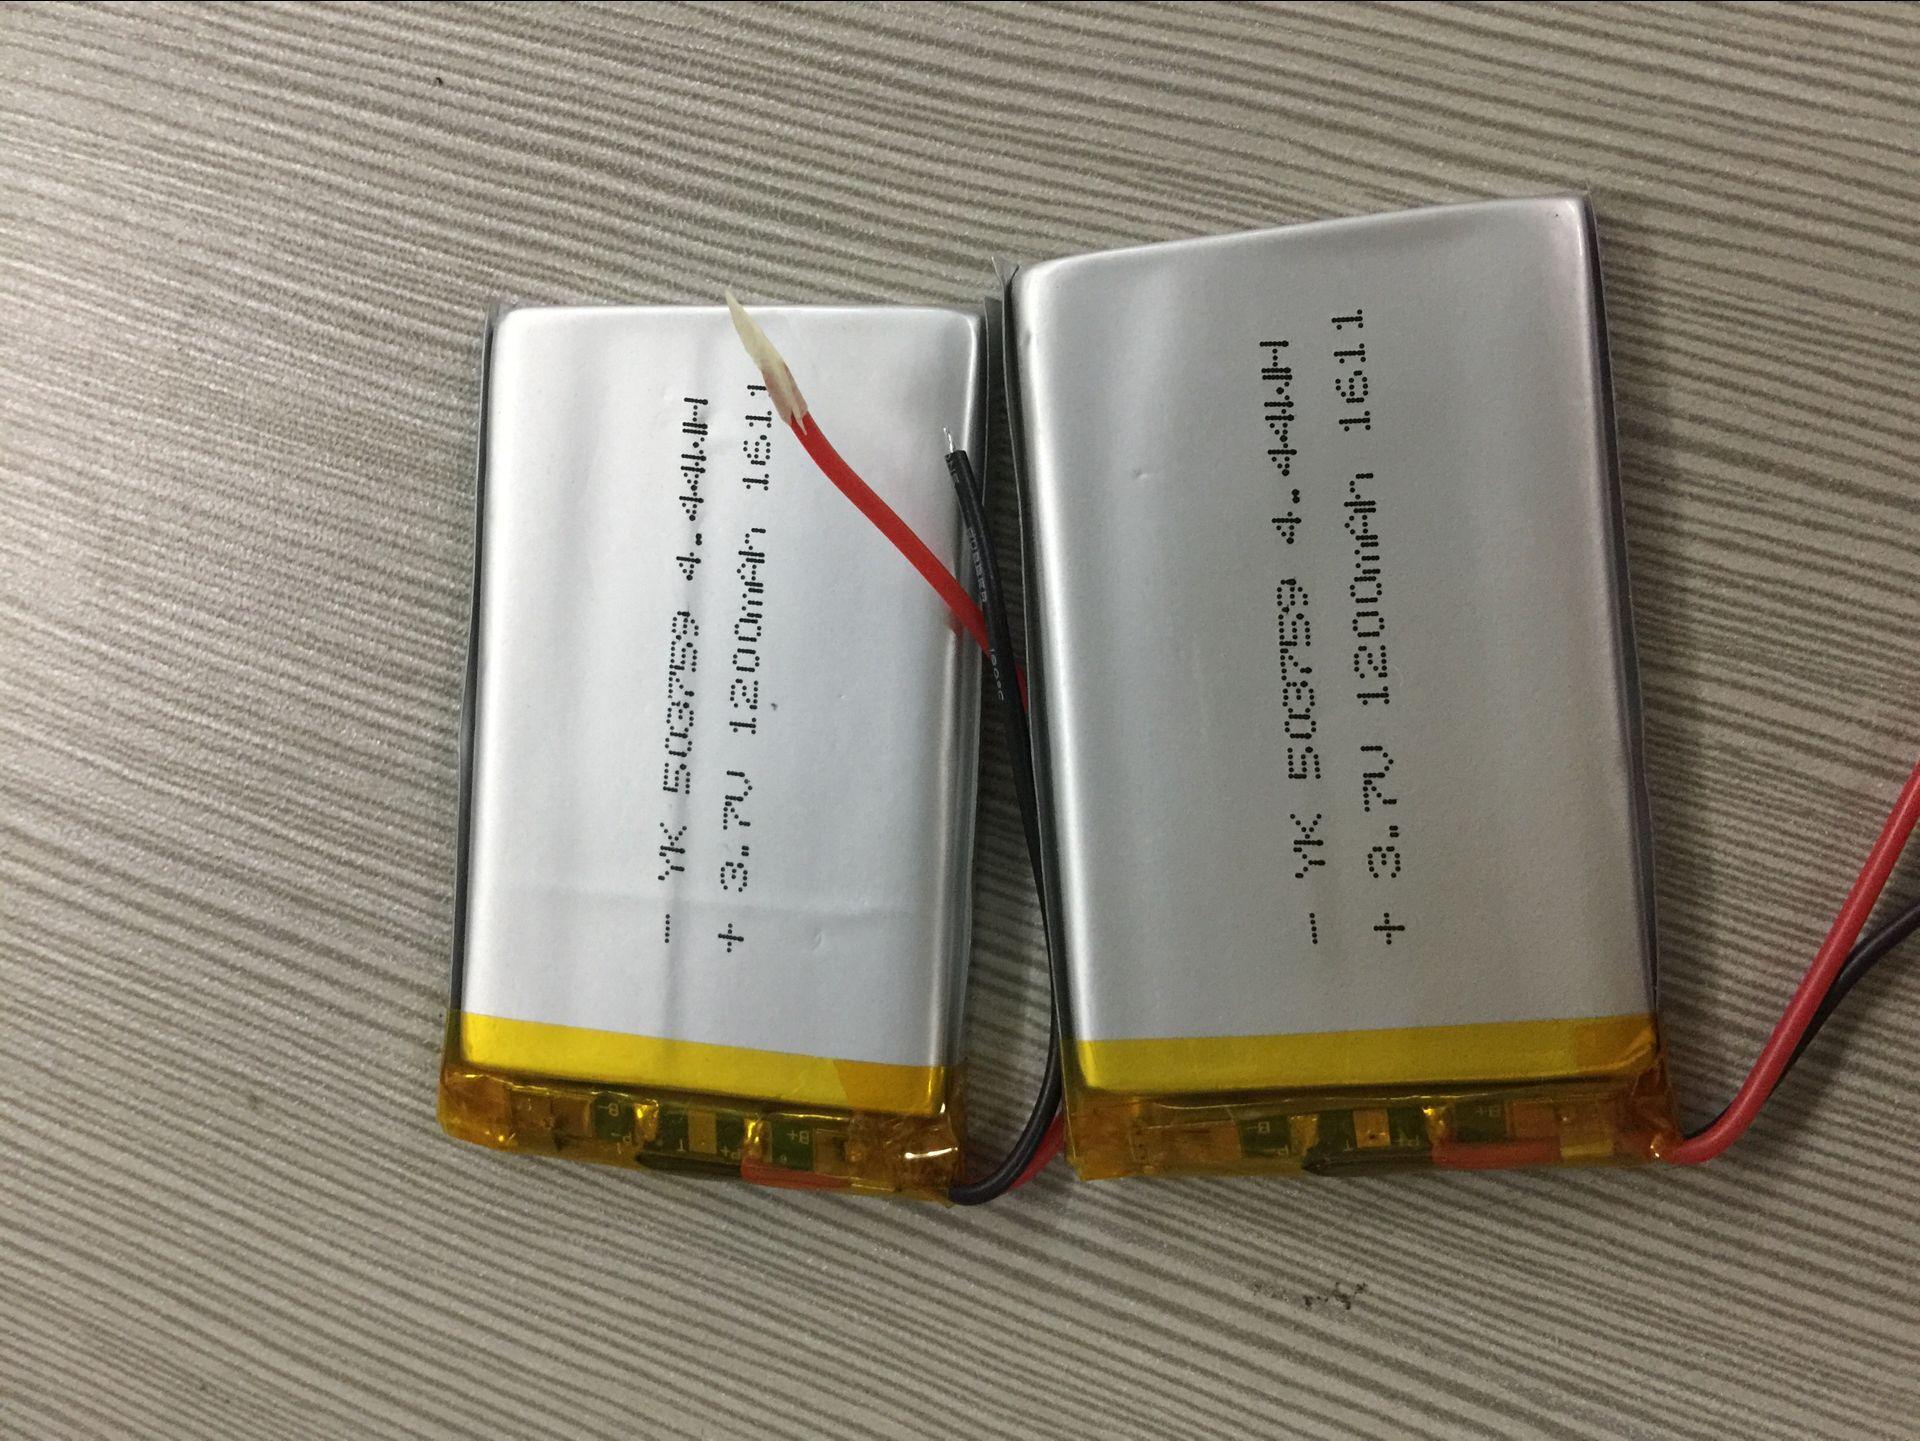 聚合物503759电池3.7V1100mAh锂电池